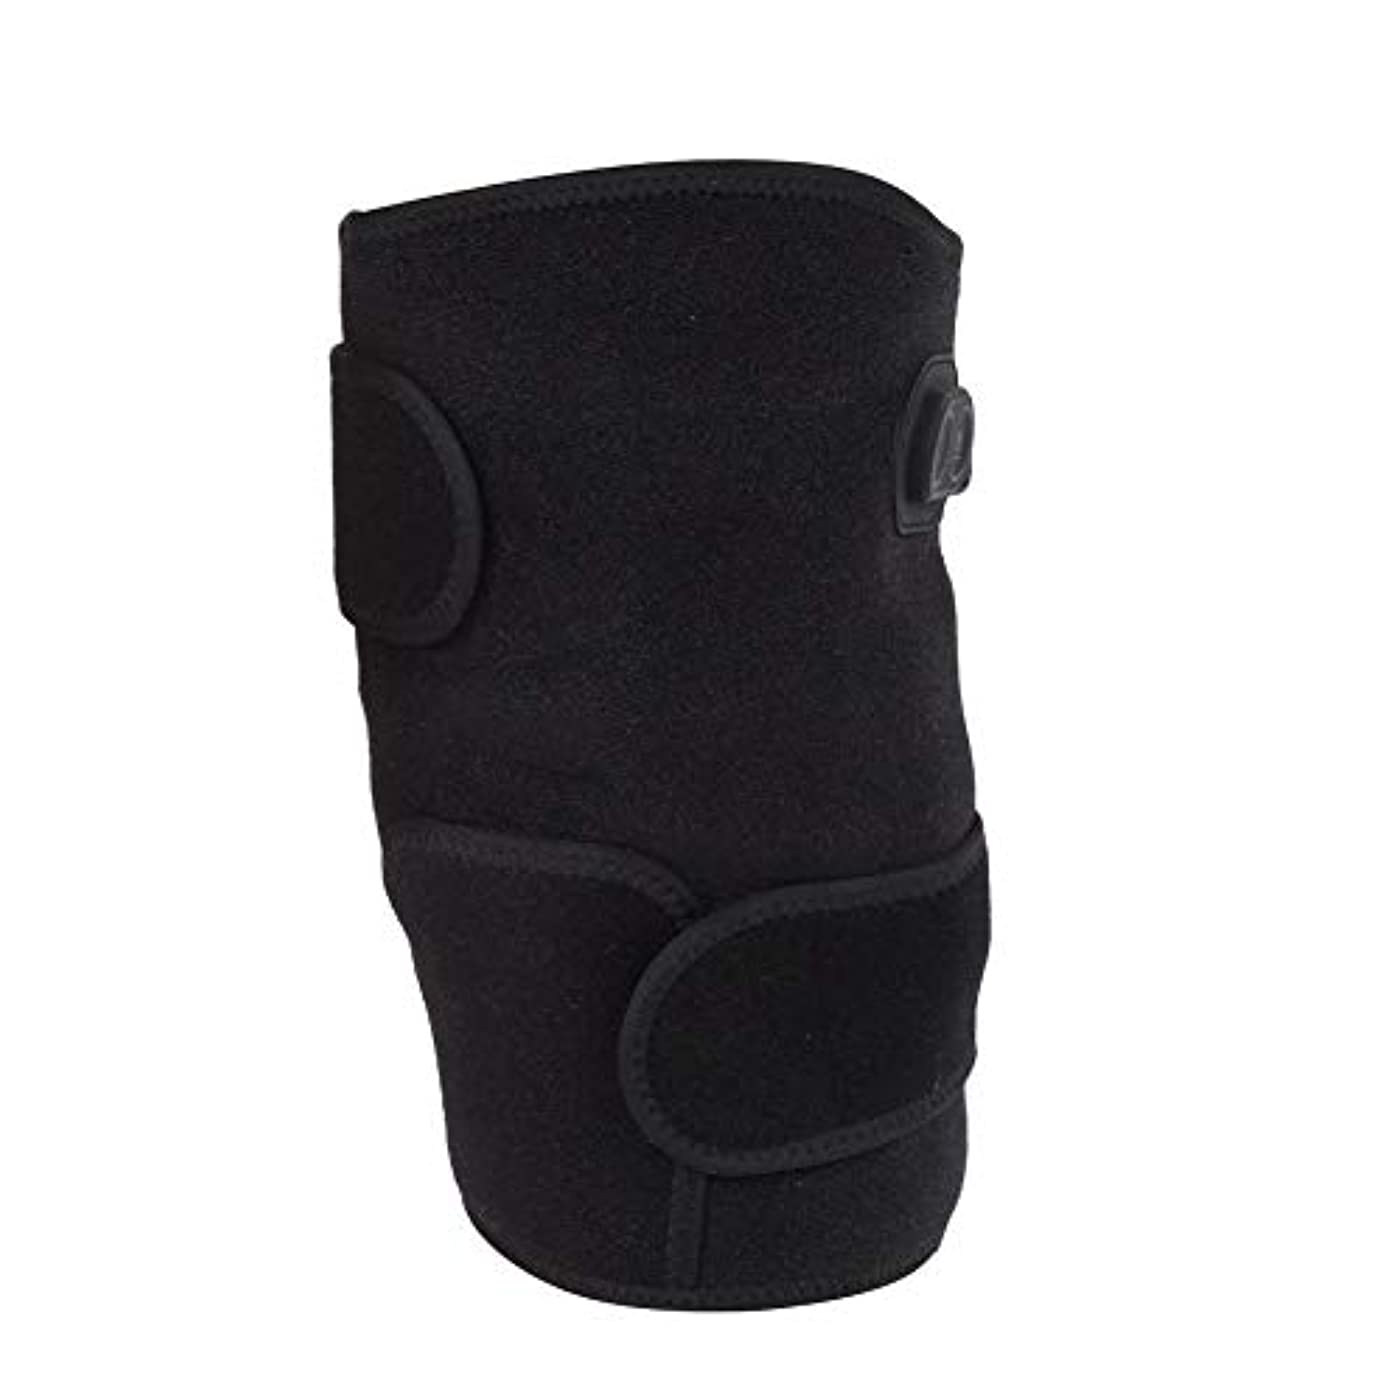 強大なランク侵入する加熱膝パッド、電熱膝ブレース加熱保温のための柔軟な機動性を備えた鎮痛膝サポートコンプレッサー